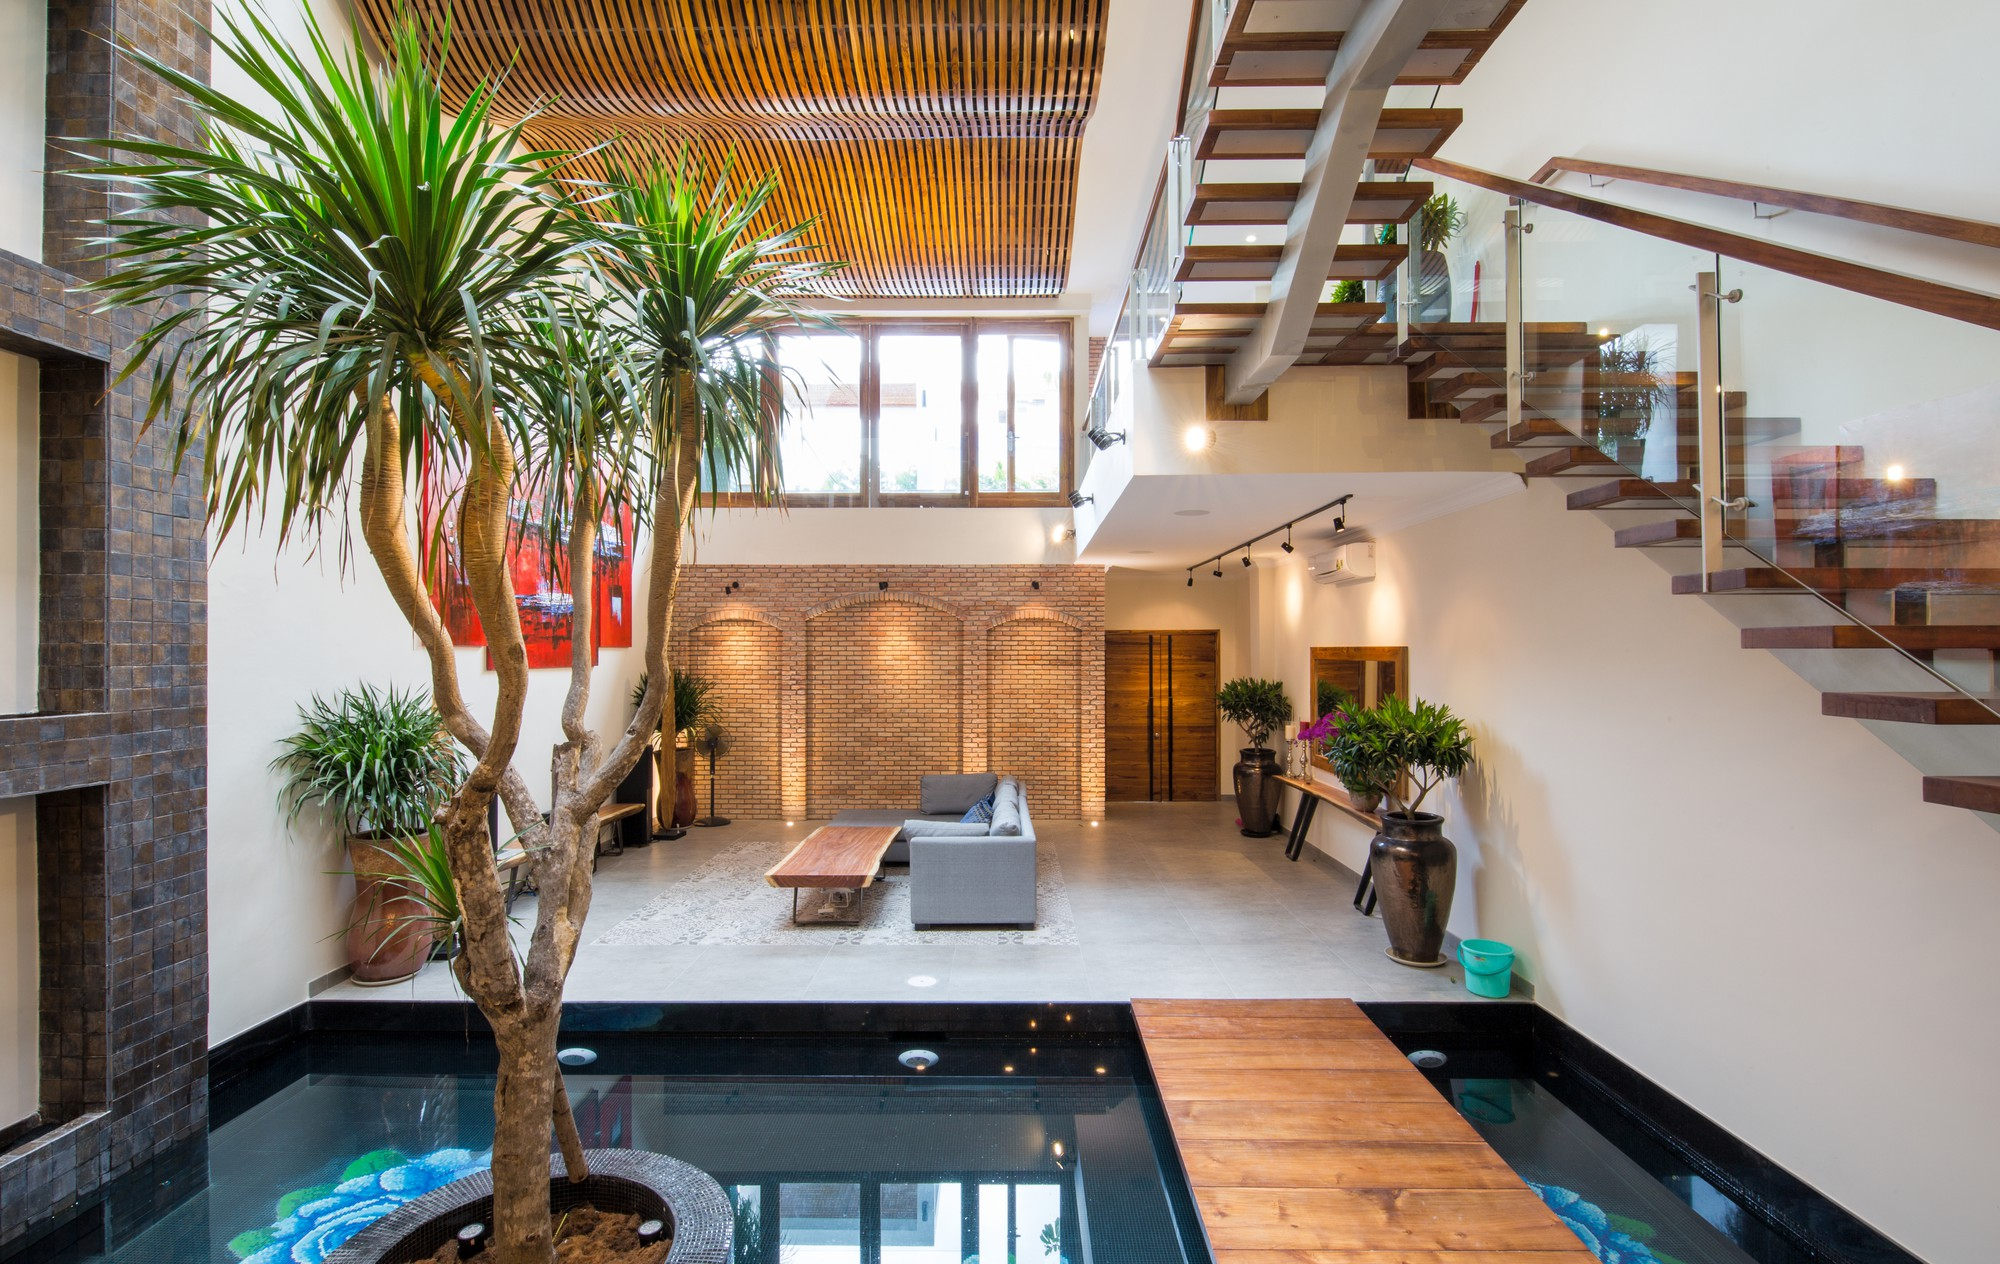 Kết quả hình ảnh cho các khách sạn sử dụng nội thất gỗ tự nhiên trên thế giới